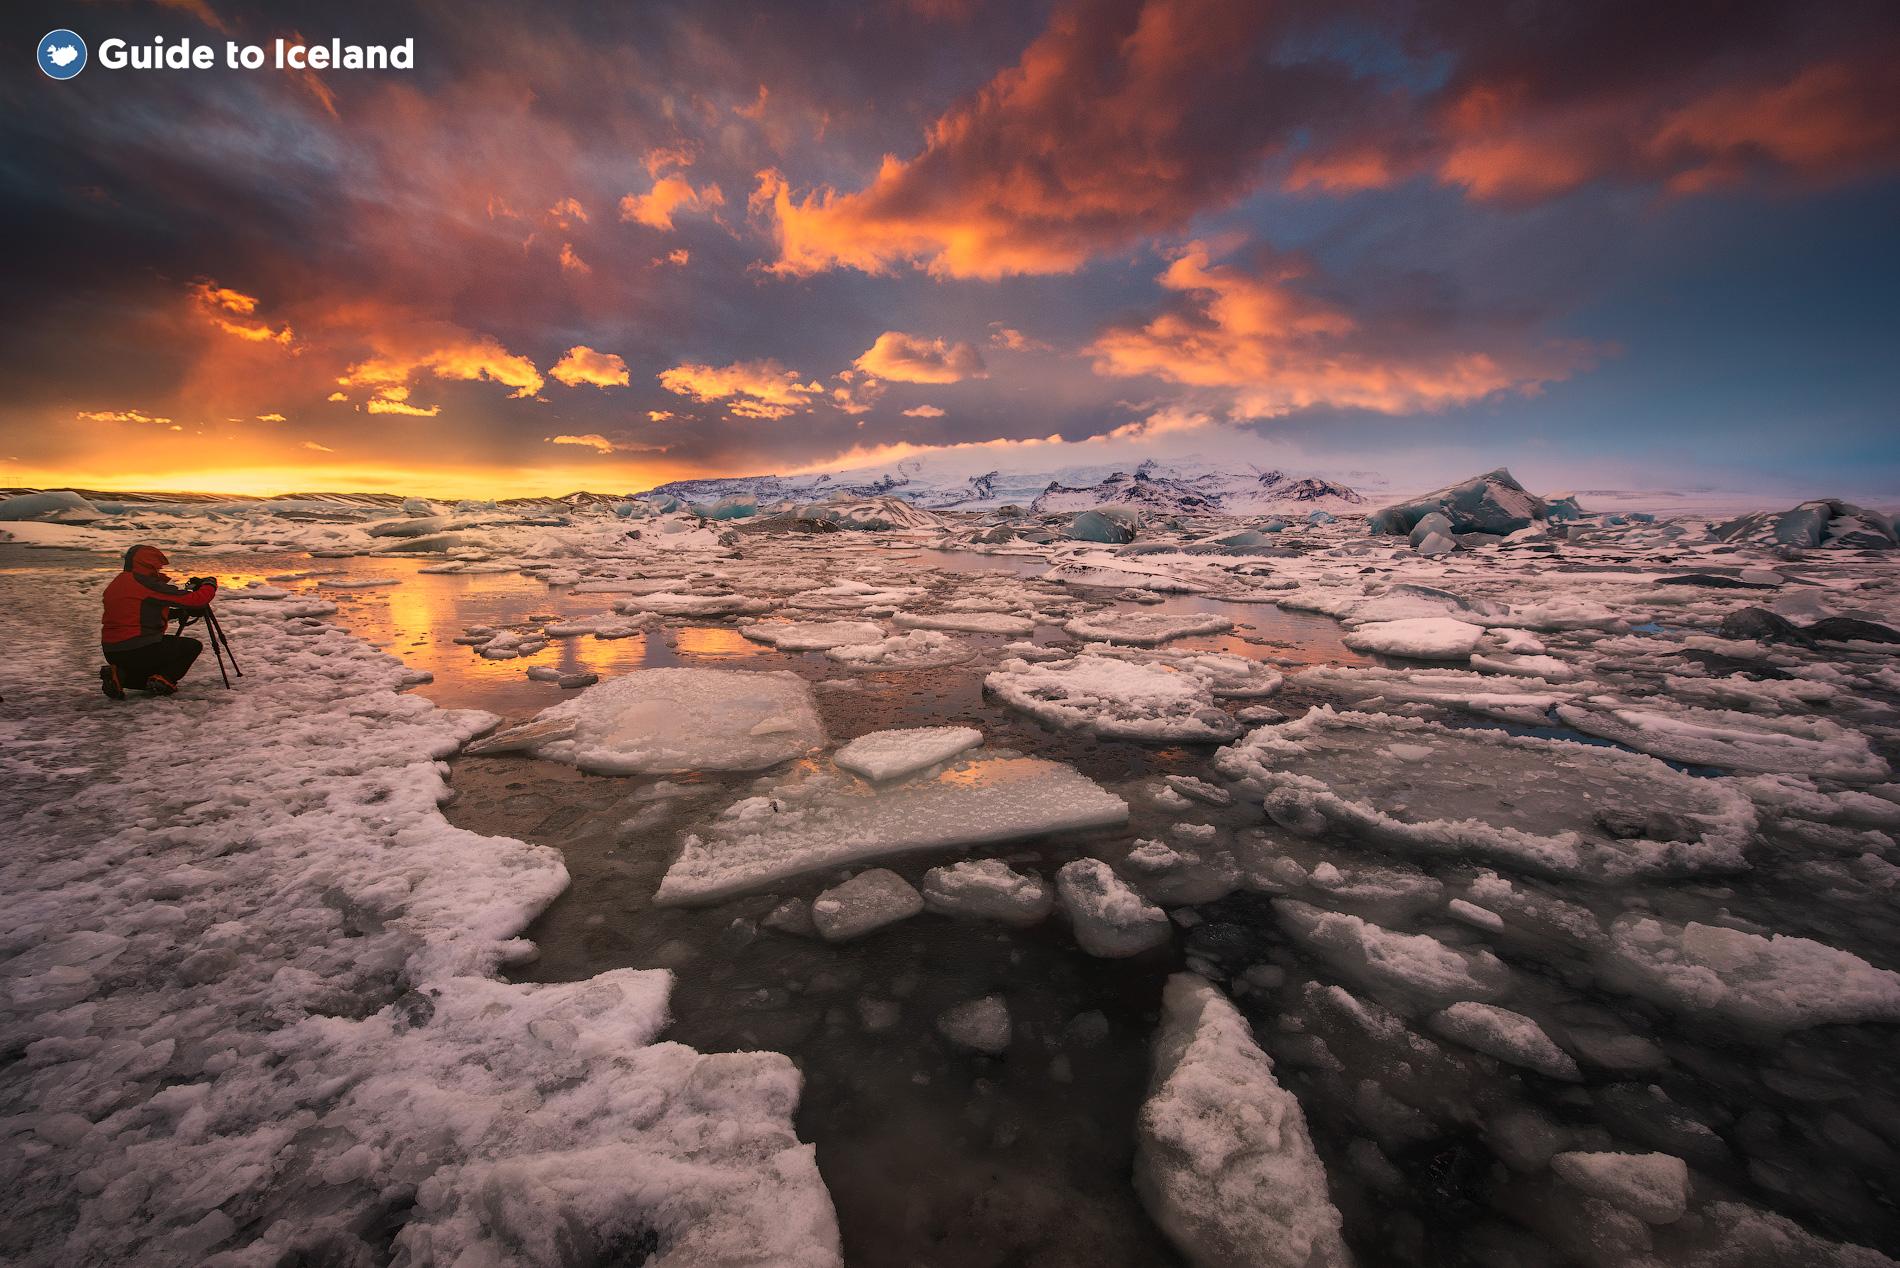 ทะเลสาบธารน้ำแข็งโจกุลซาลอนเป็นสีชมพูจากแสงอาทิตย์เที่ยงคืน